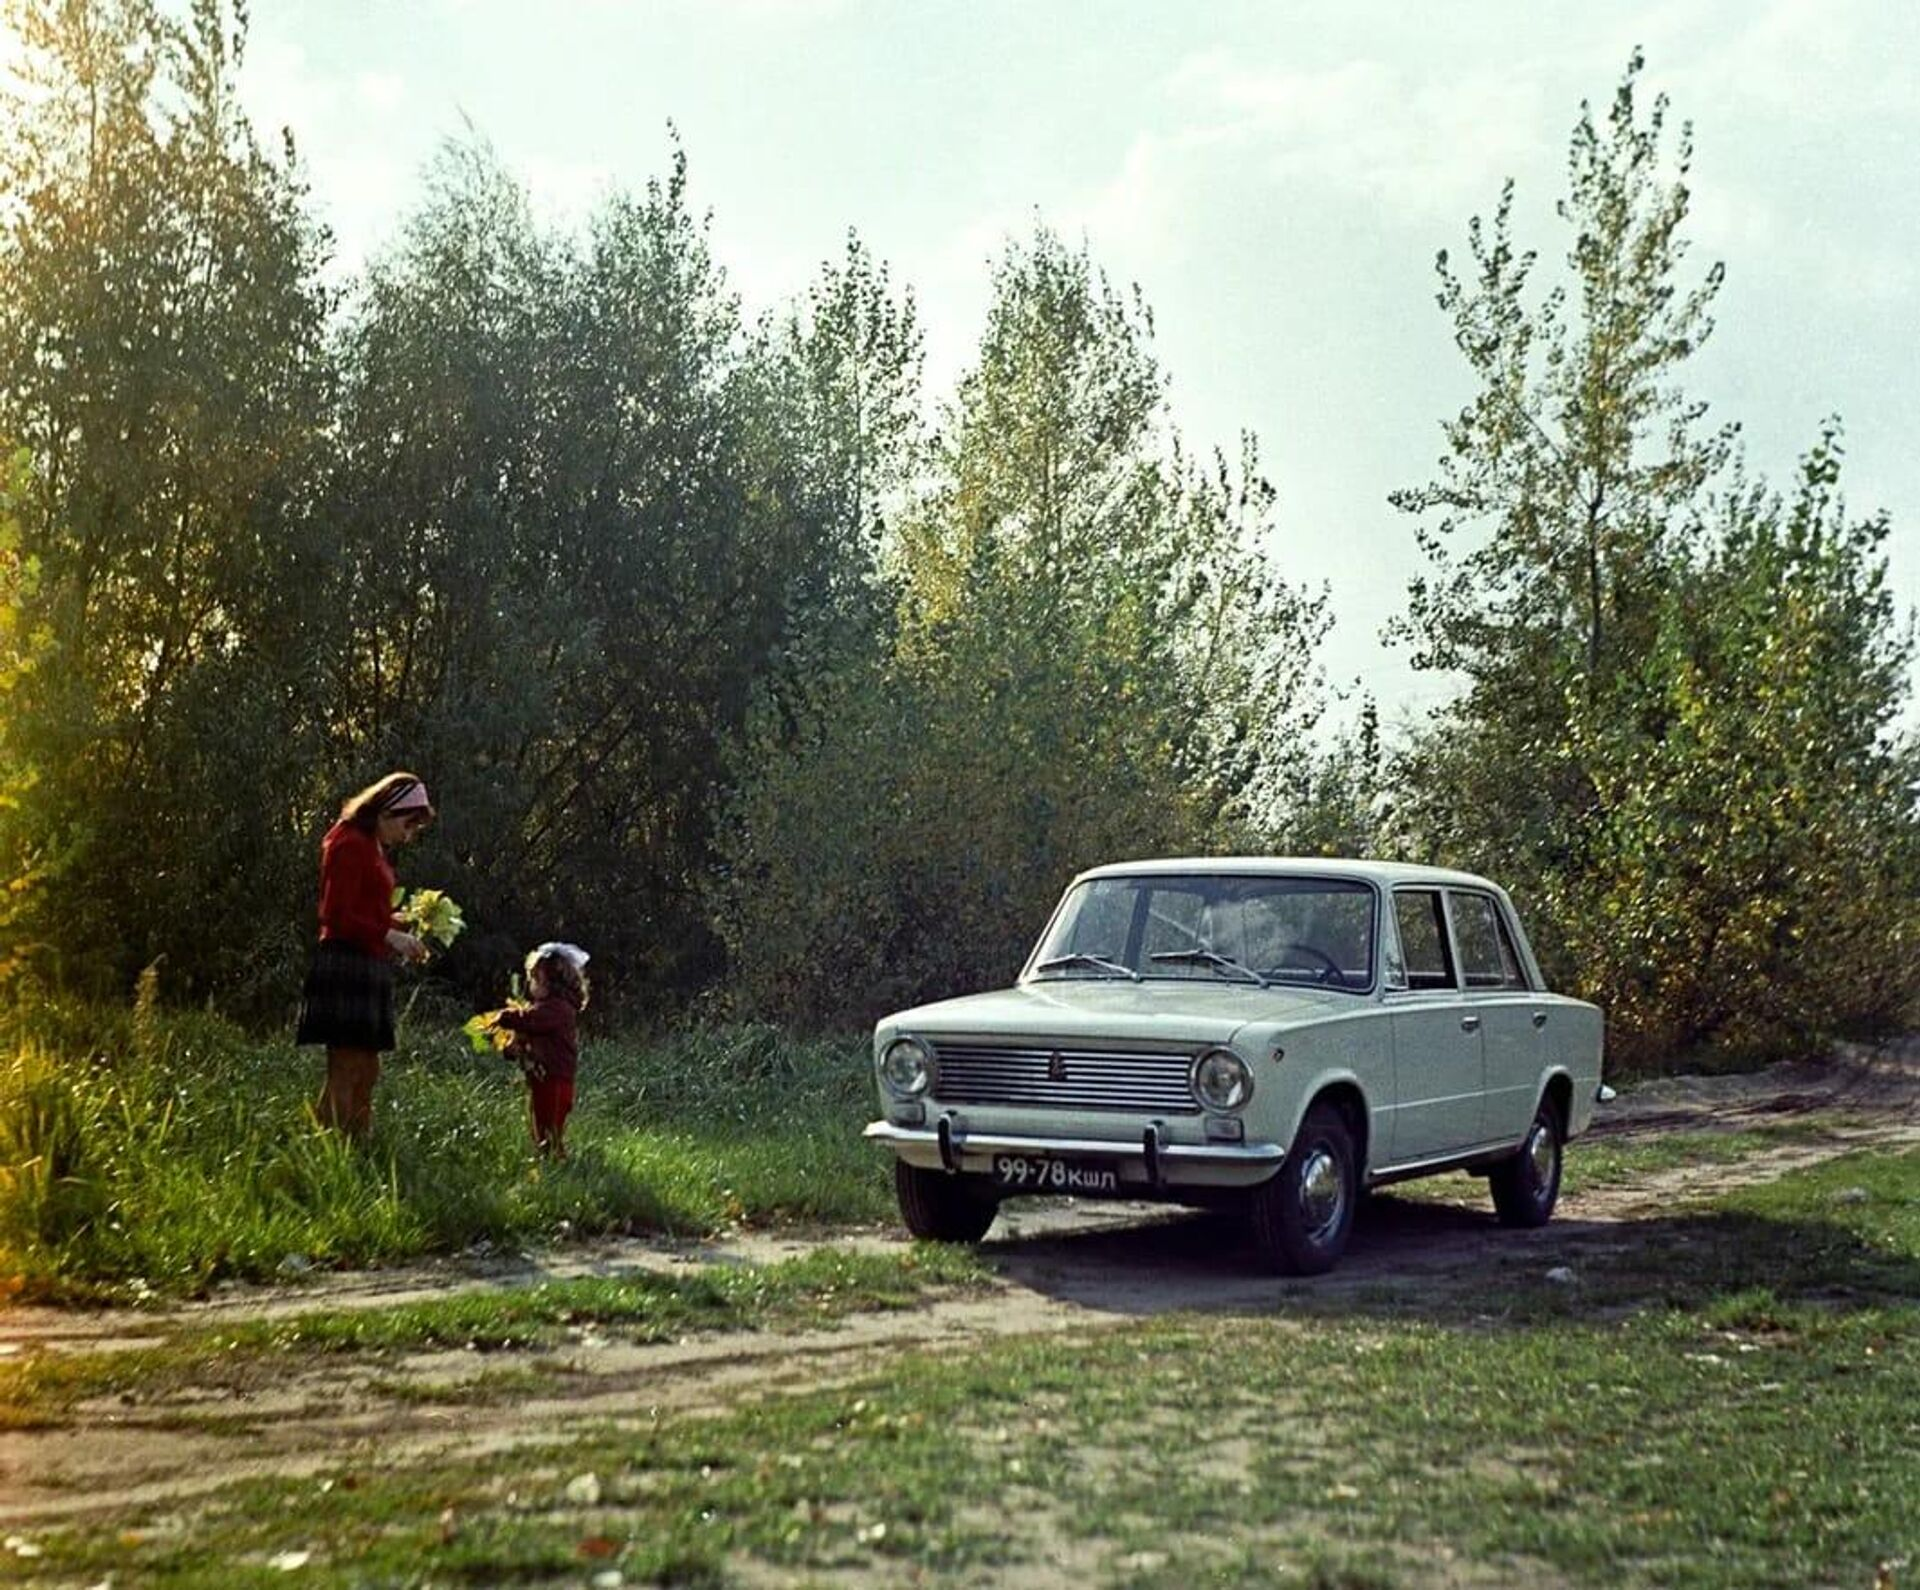 Автомобиль ВАЗ-2101 - РИА Новости, 1920, 04.09.2020